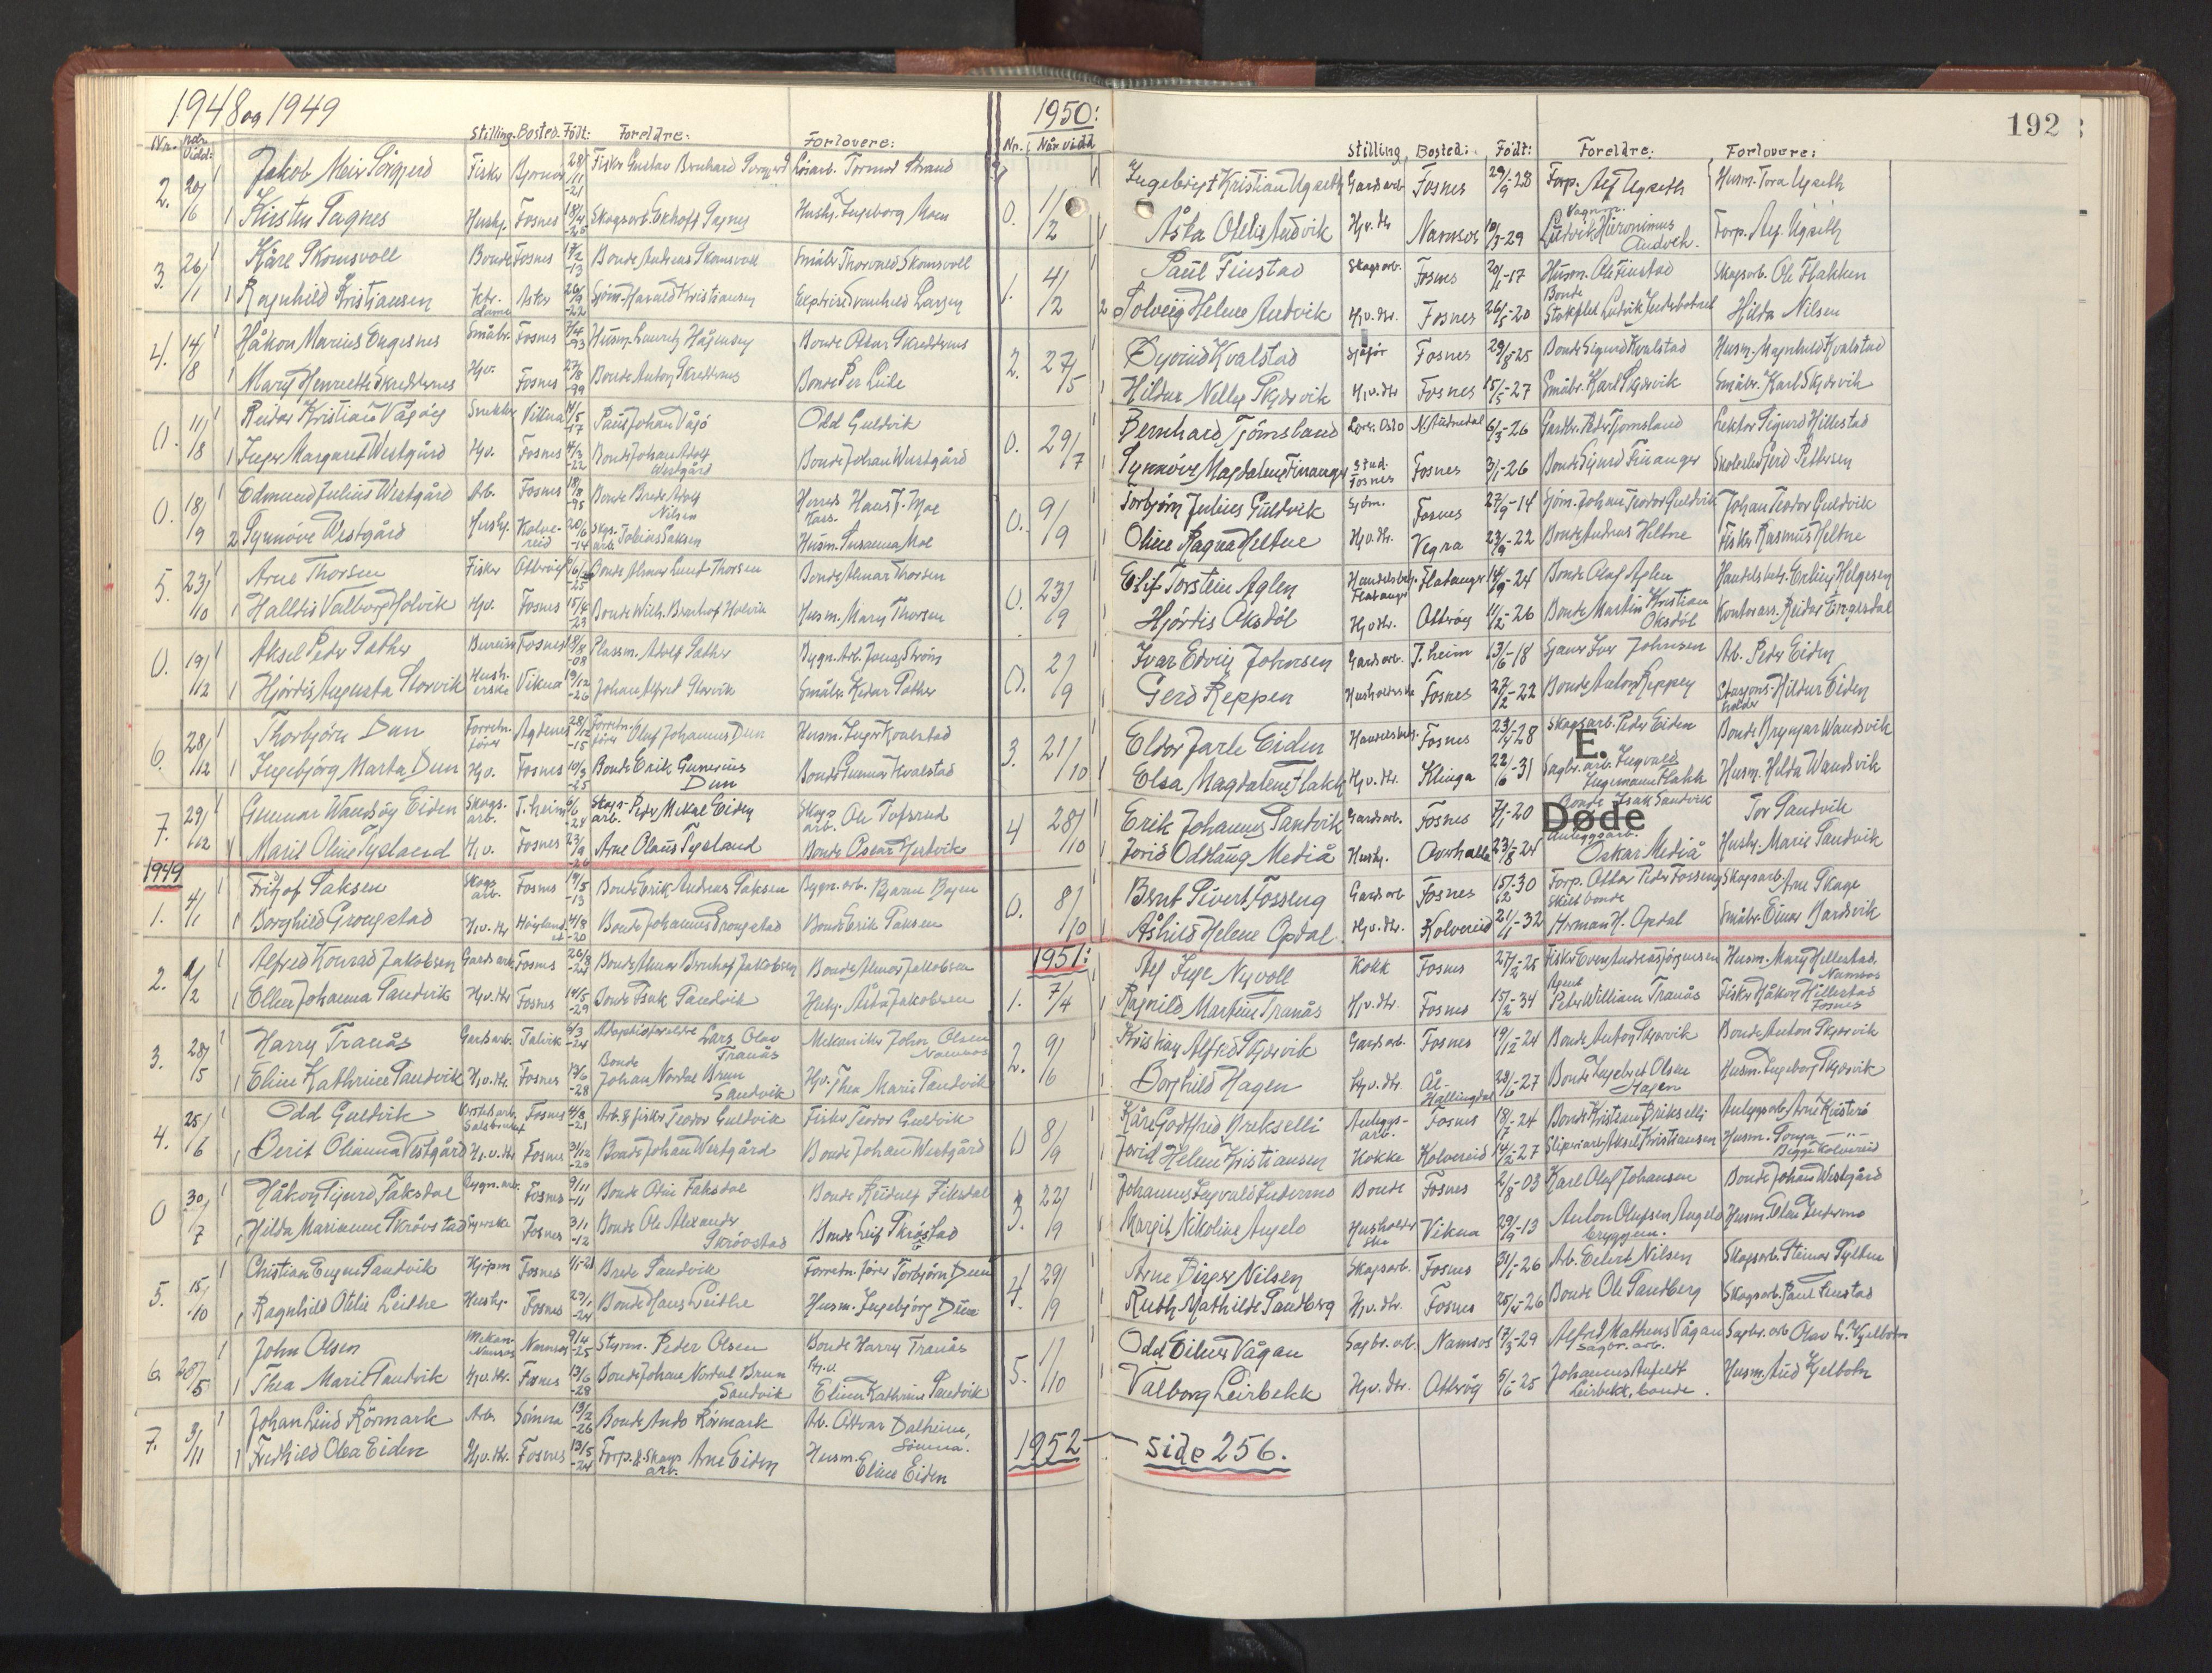 SAT, Ministerialprotokoller, klokkerbøker og fødselsregistre - Nord-Trøndelag, 773/L0625: Klokkerbok nr. 773C01, 1910-1952, s. 192